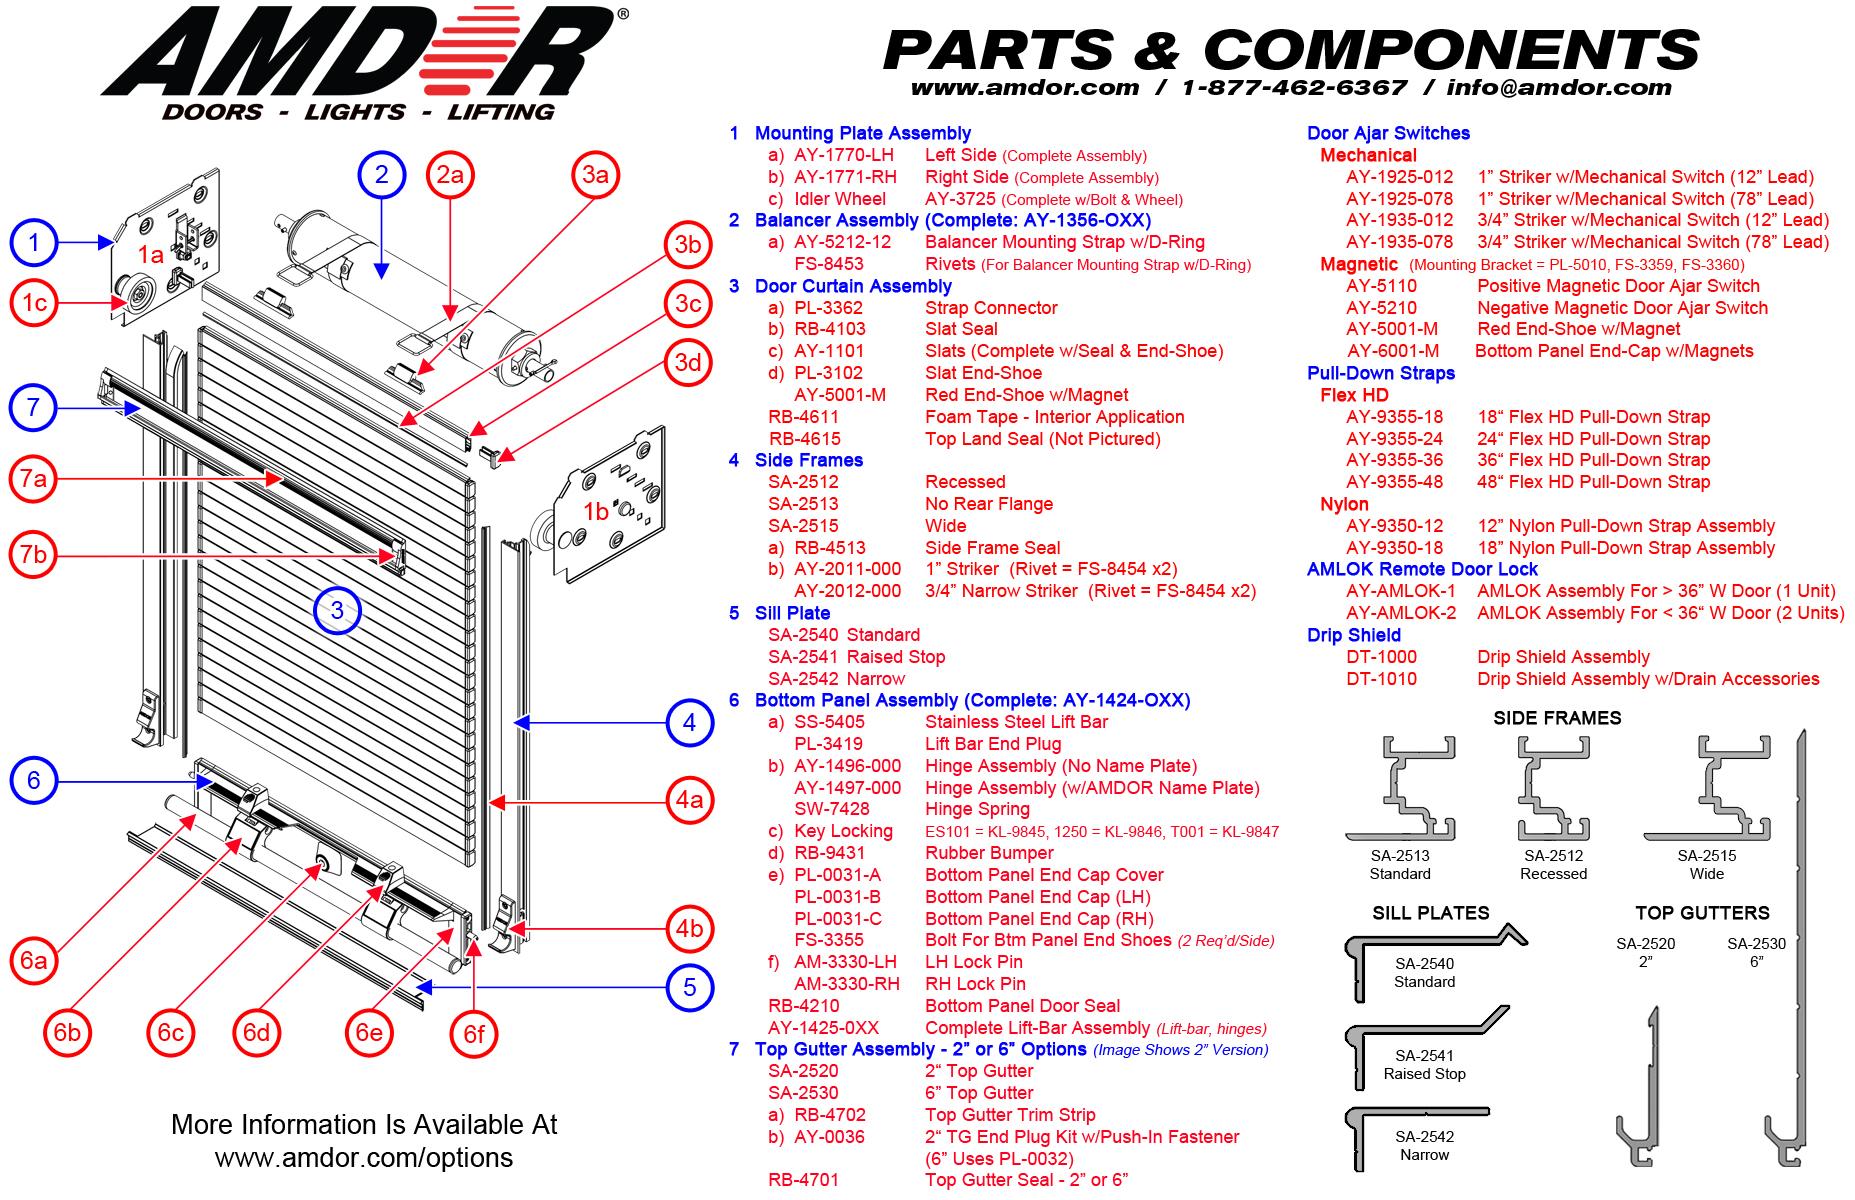 Parts & Components - AMDOR